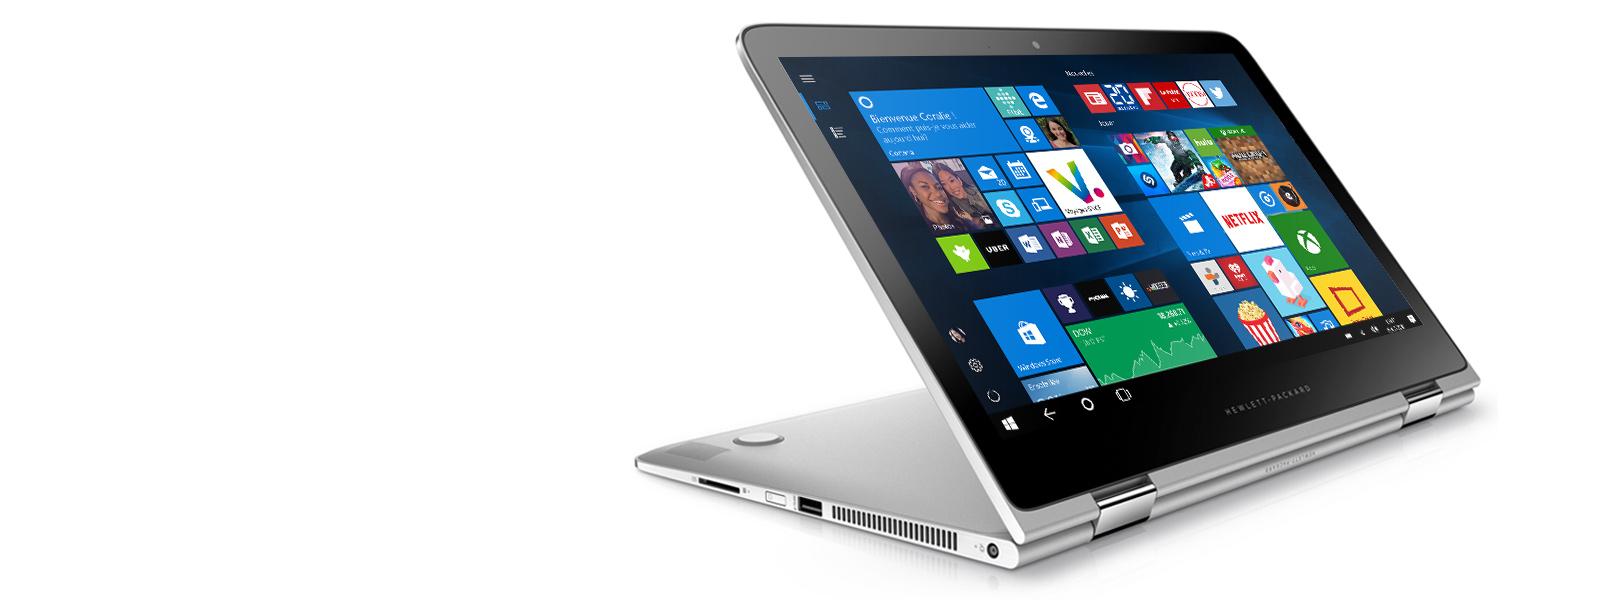 Le HP Spectre x360 est en mode tente et affiche une image de fond d'écran.